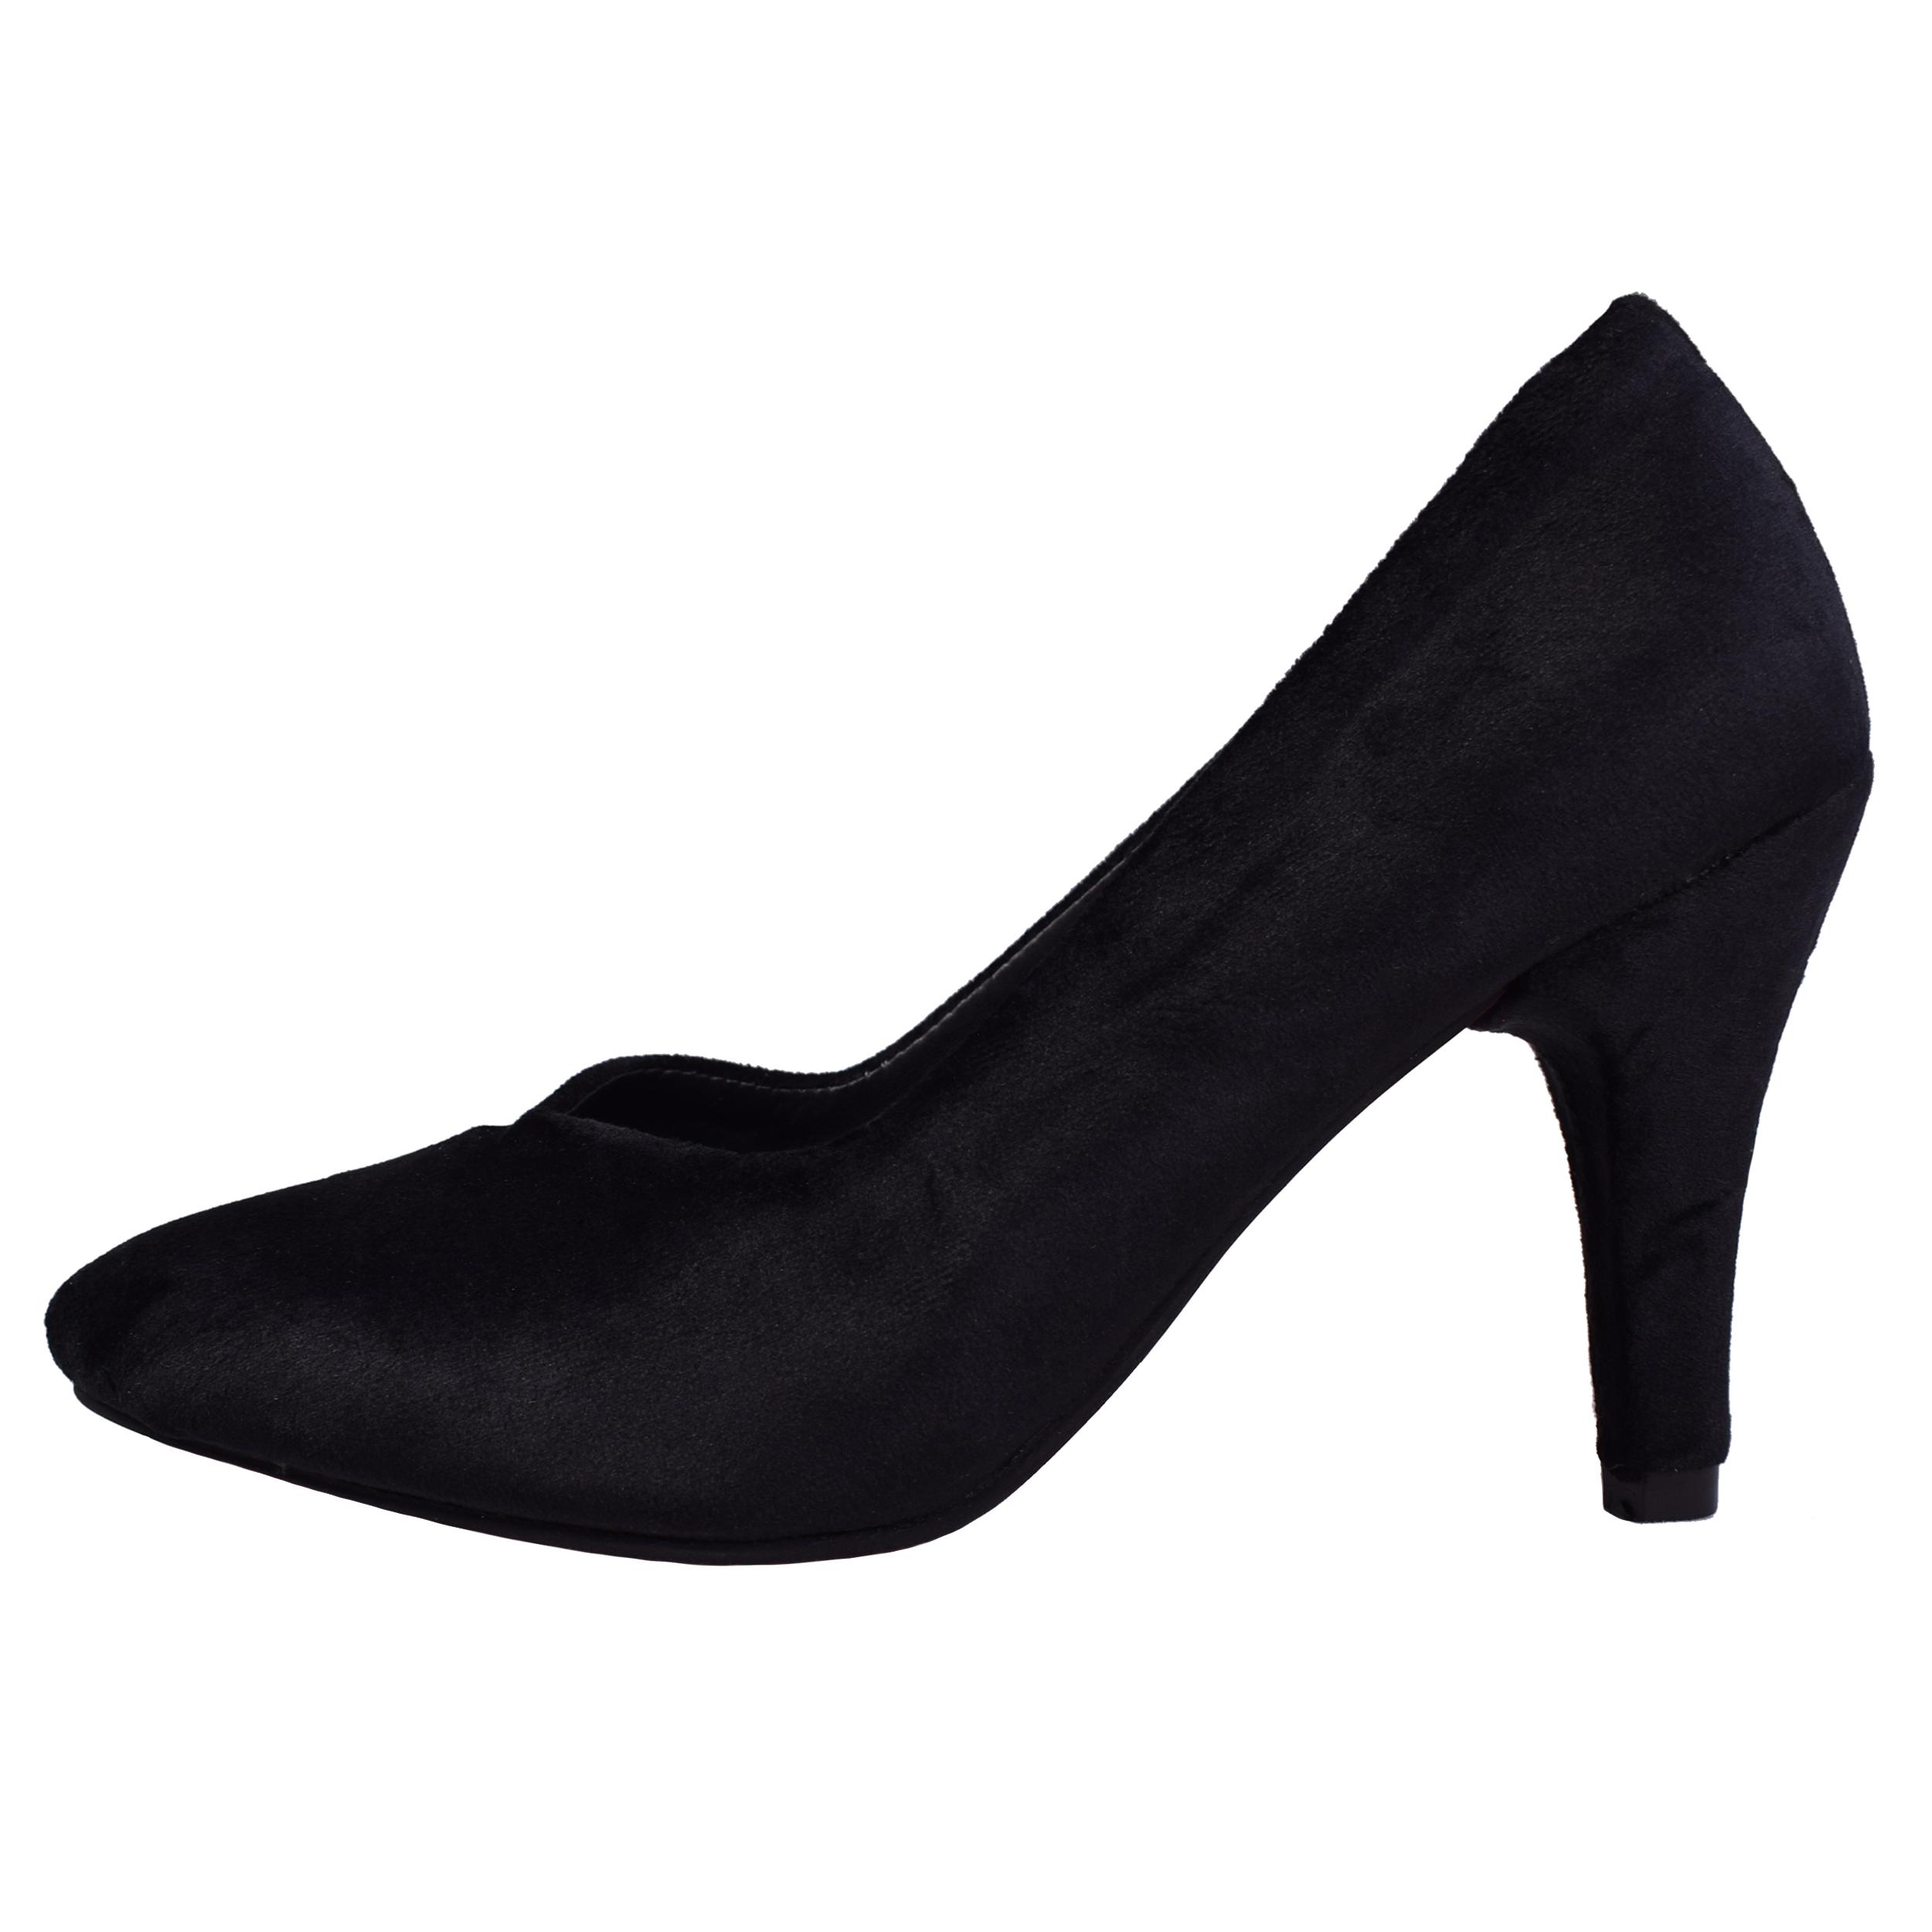 کفش زنانه مدل نیوا کد 1213 - aaakk